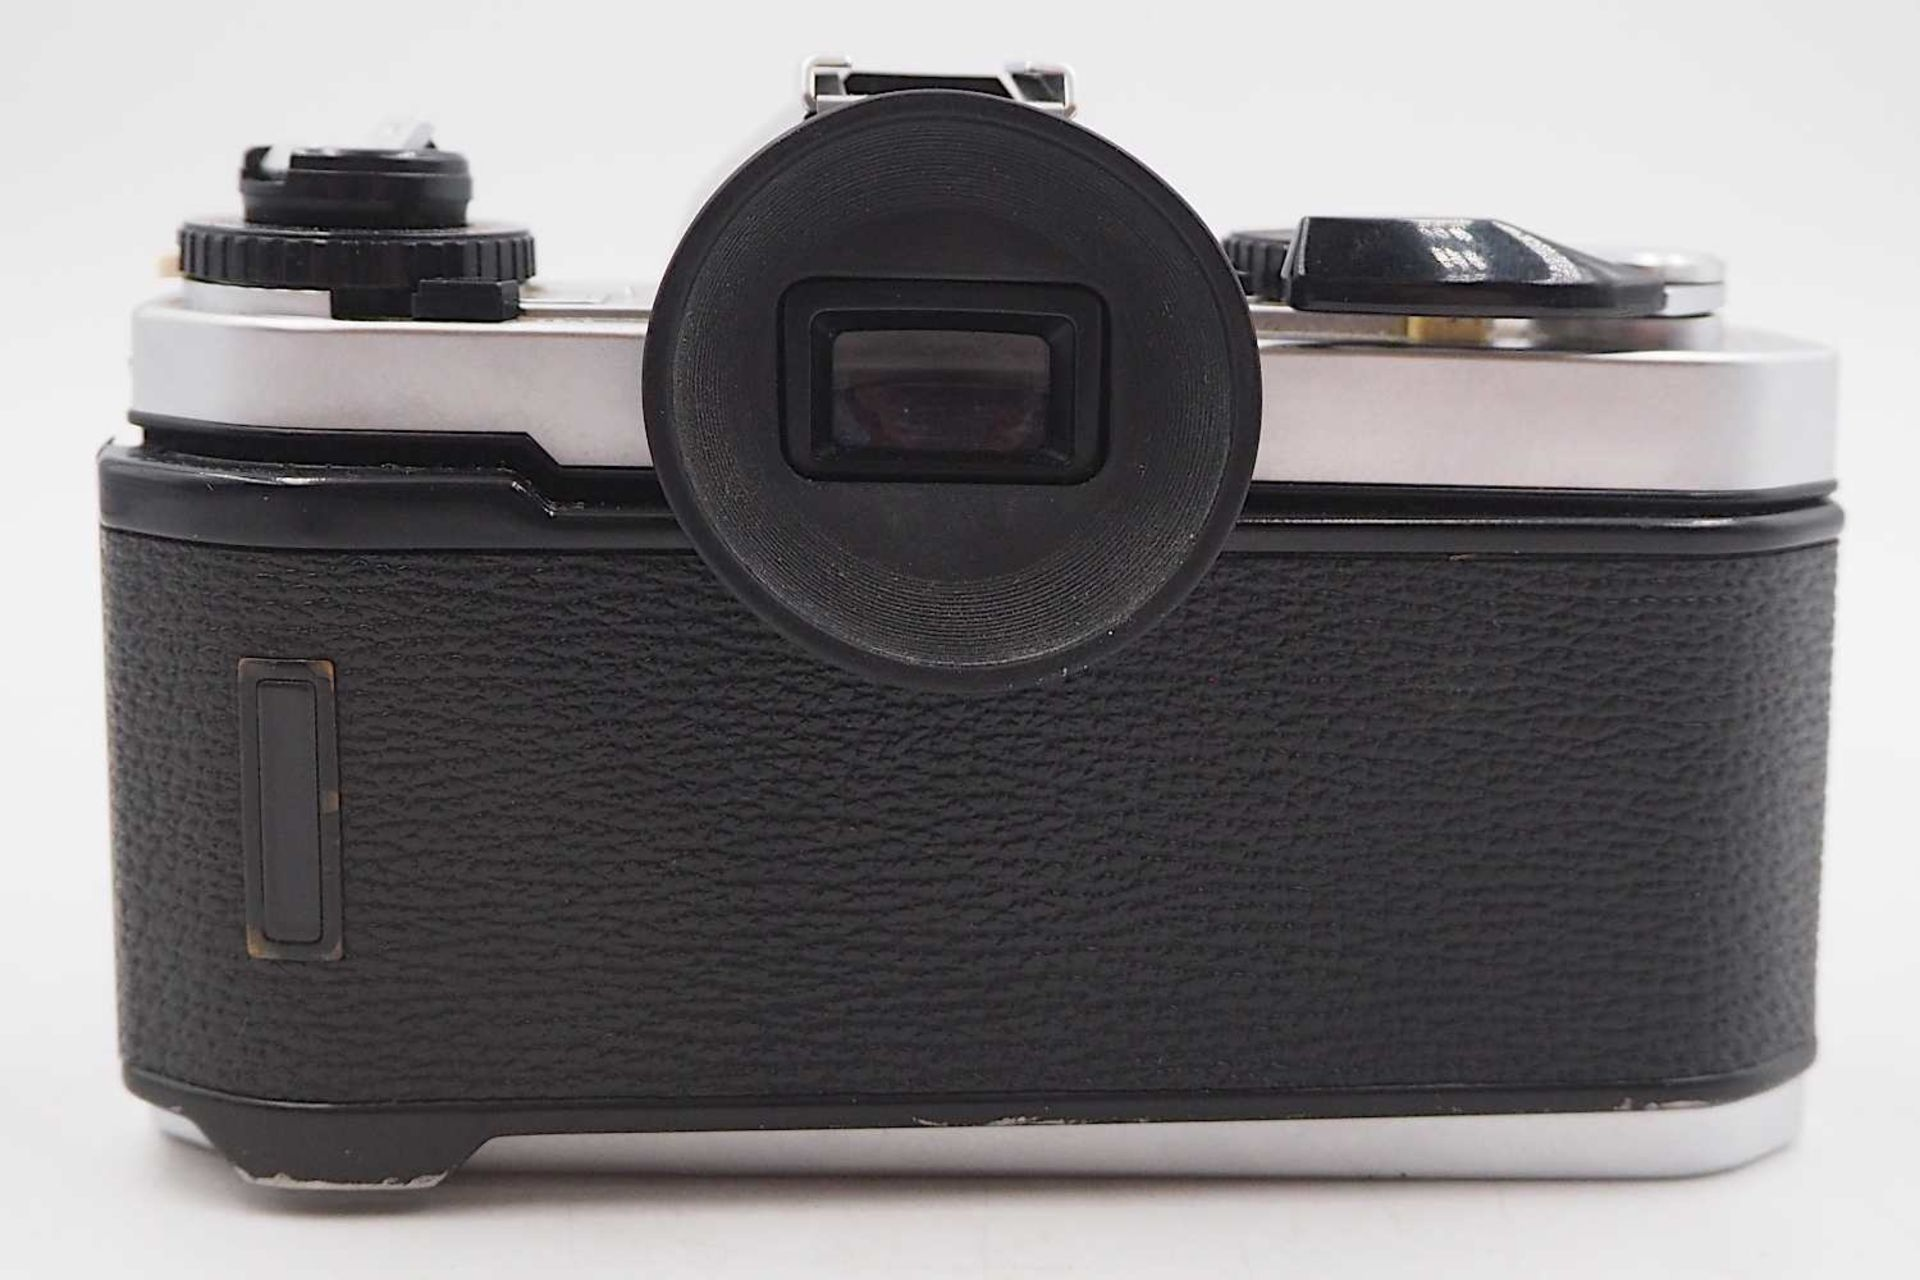 """1 Fotoapparat PORST """"CR-3 Automatic"""" mit Objektiv PORST """"Unizoom 1:3,5-4,5/35-70mm Mac - Bild 5 aus 6"""